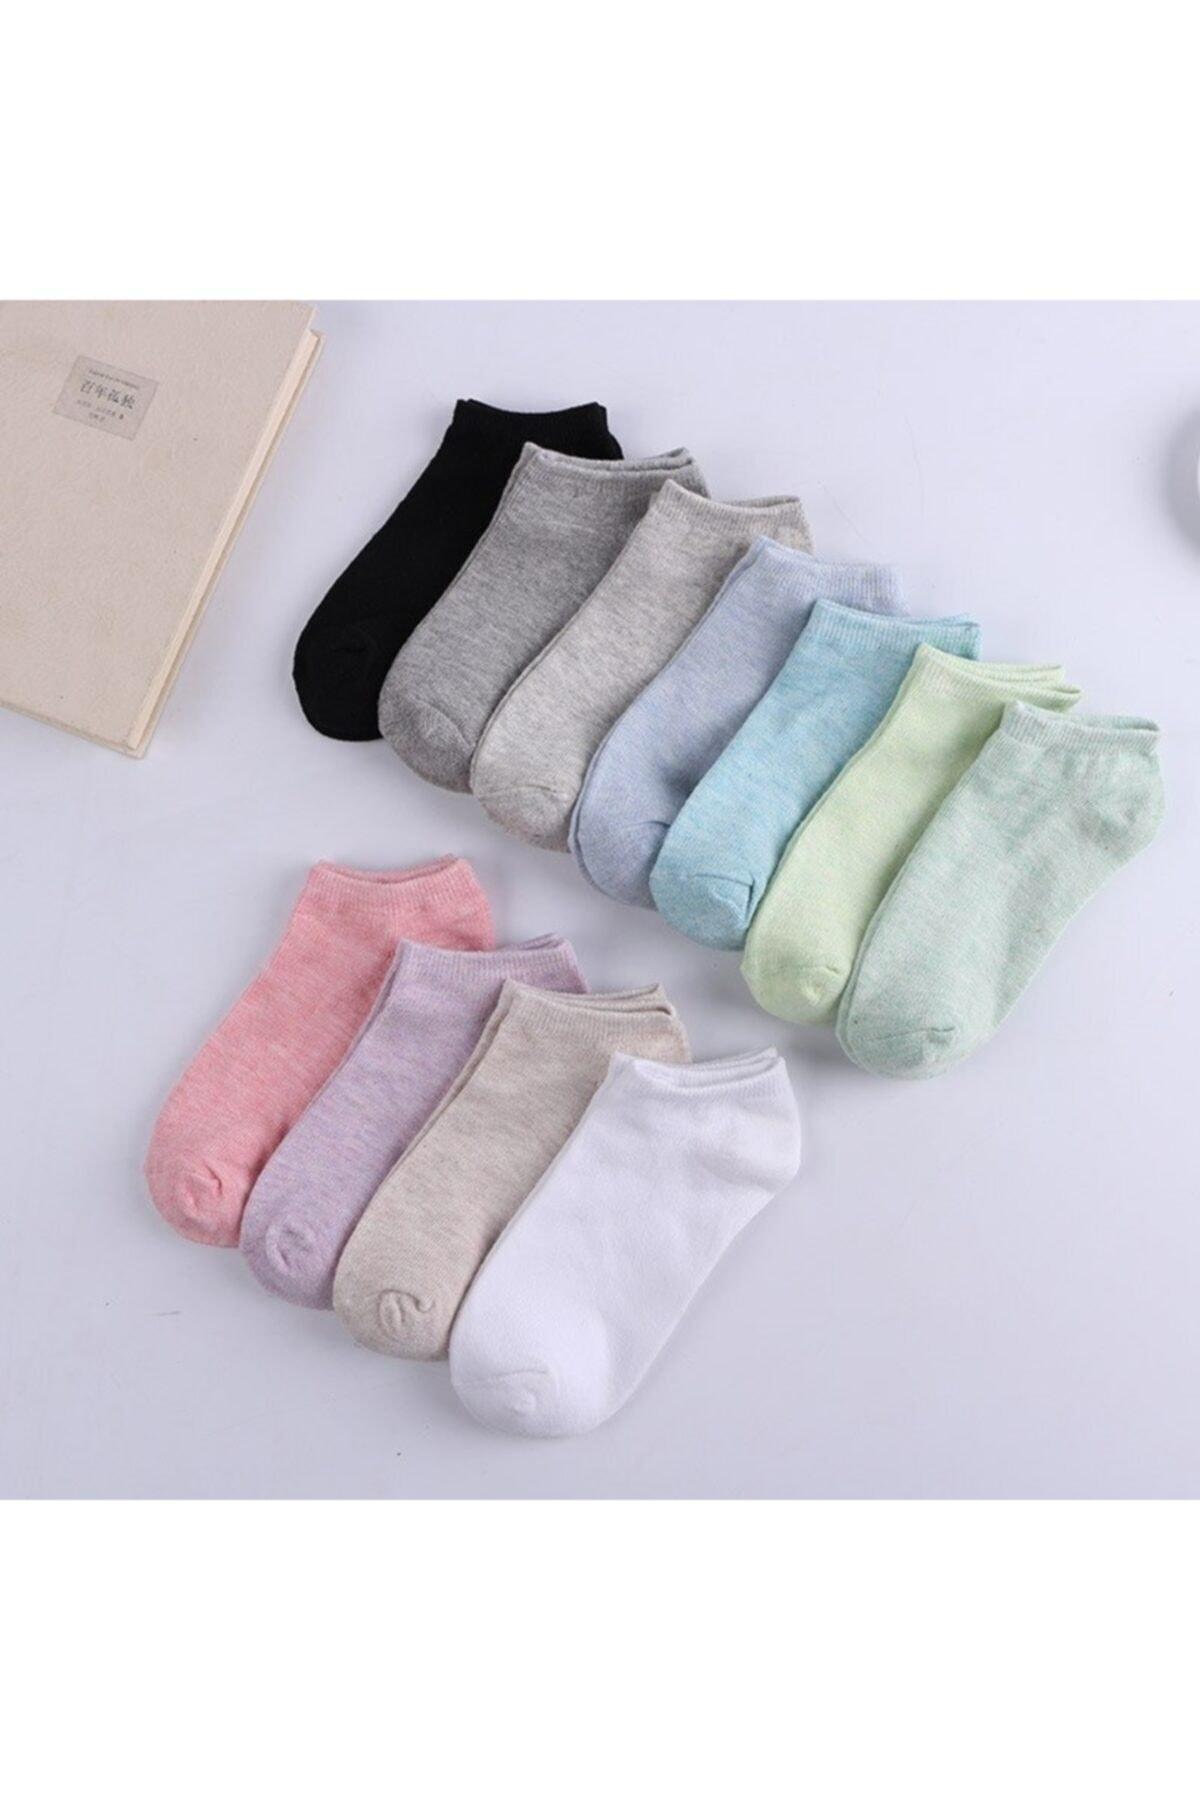 çorapmanya 10 Çift Koton Ekonomik Karışık Renk Kadın Patik Çorap 1